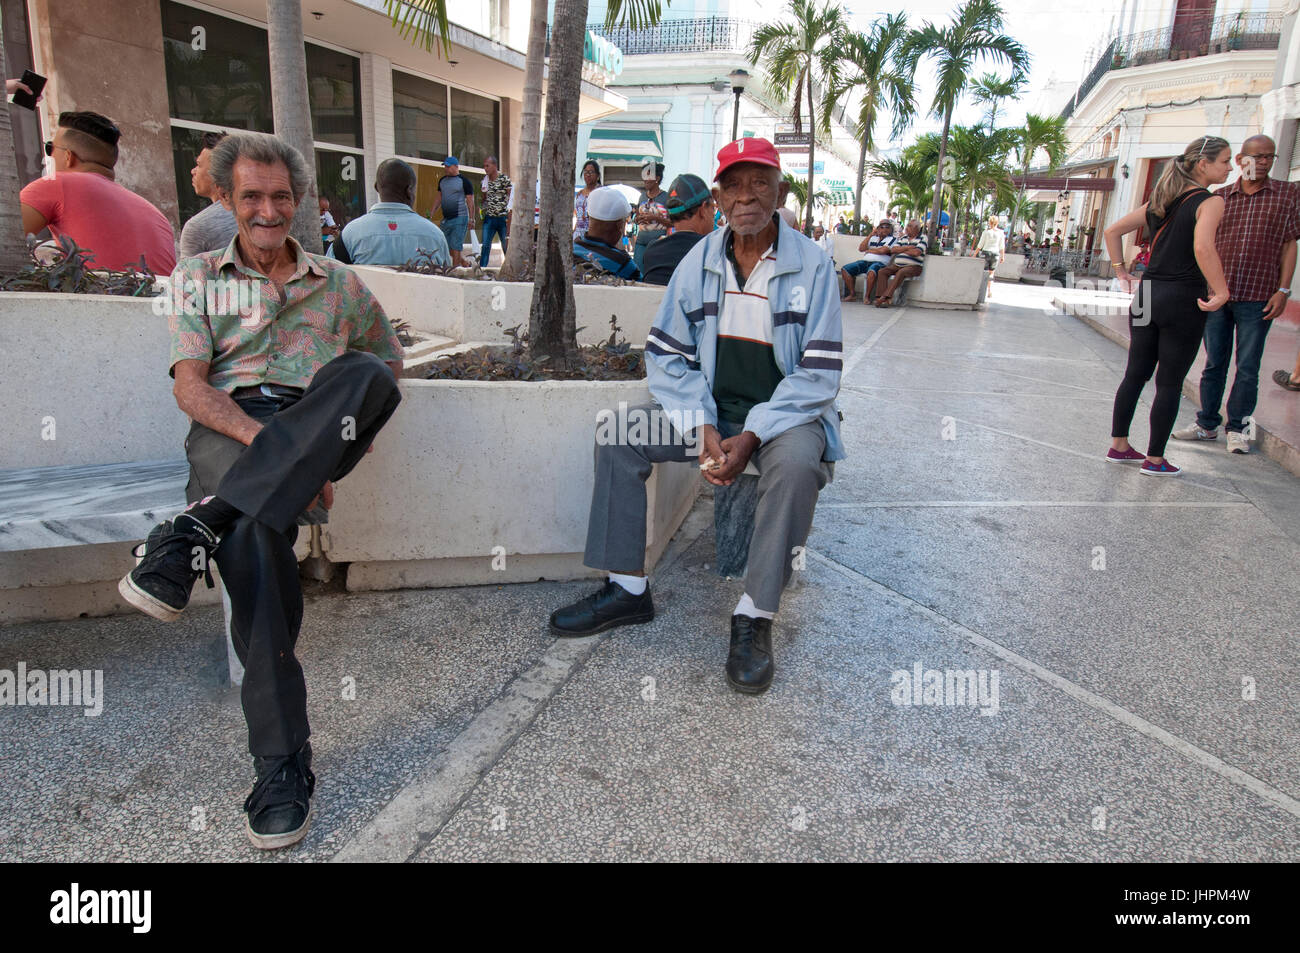 Zwei kubanischen Kollegen sitzen in der Innenstadt von Cienfuegos Kuba Stockbild